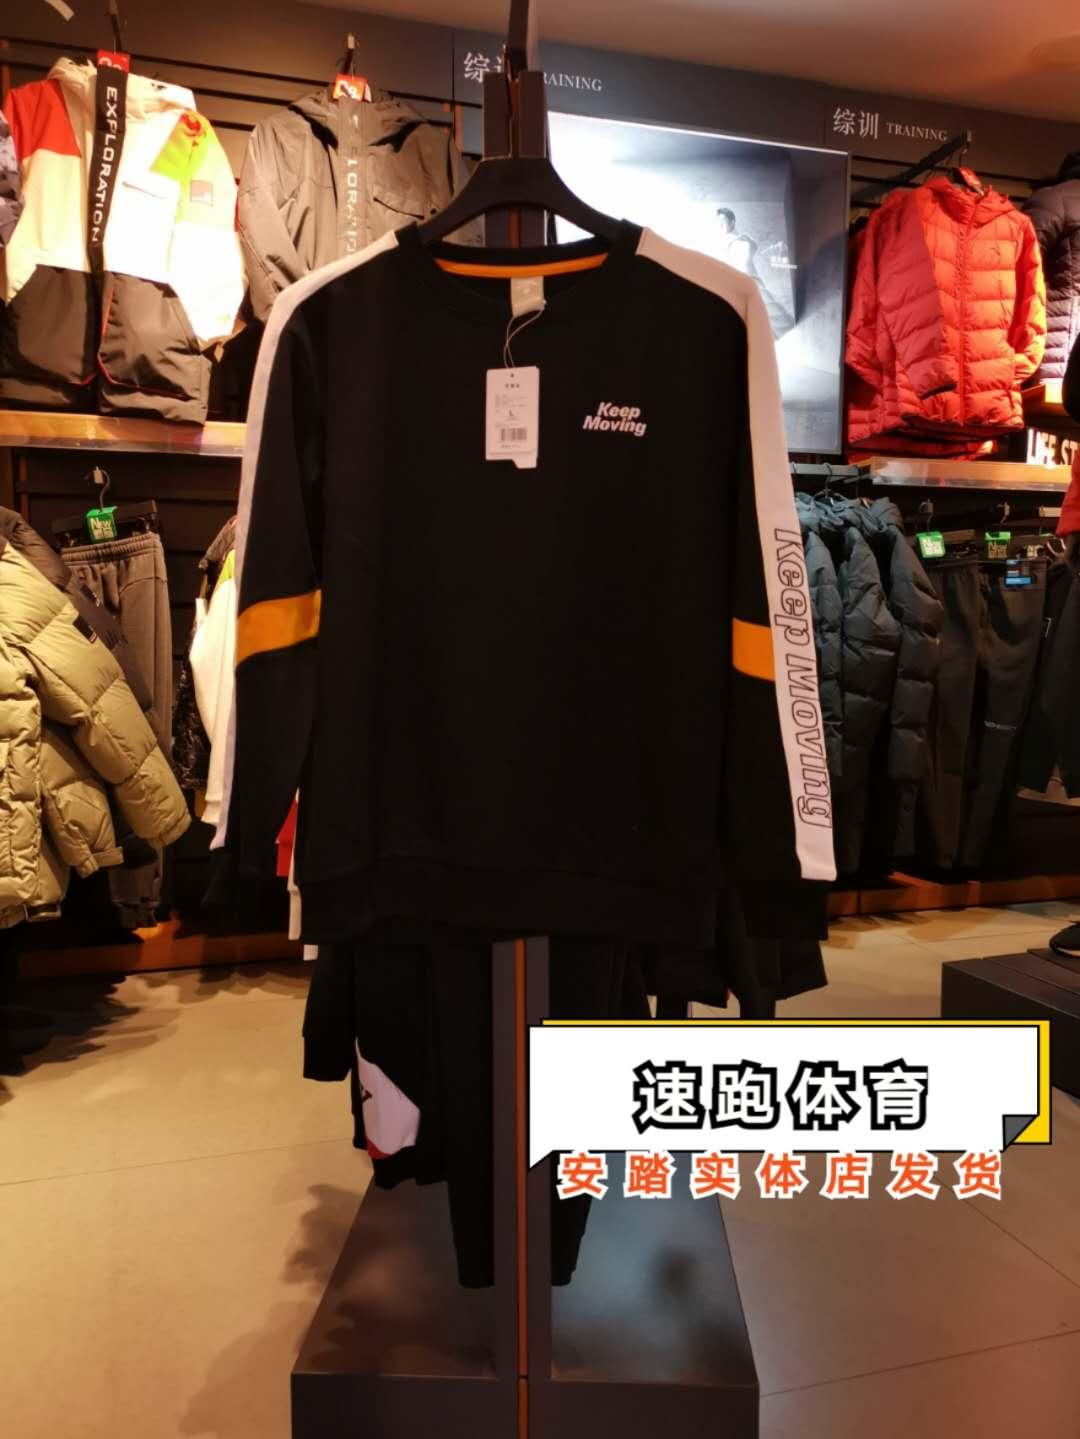 ANTA Anta nam xuân 2020 mới thời trang áo len cổ tròn thể thao 152018706 - Thể thao lông cừu / jumper